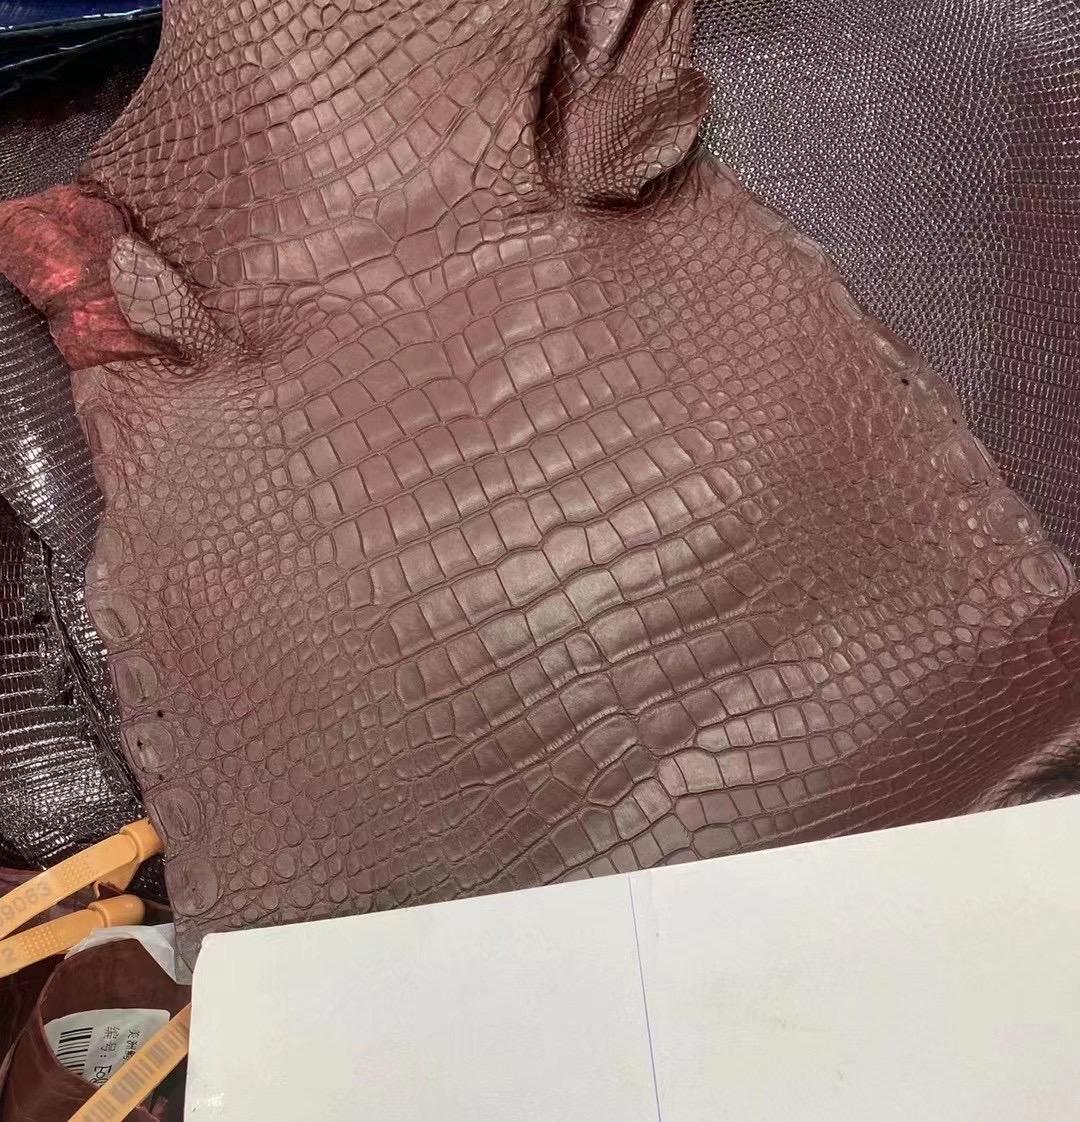 愛馬仕皮革 Hermes 57 Bordeaux 波爾多酒紅 霧面美洲鱷魚